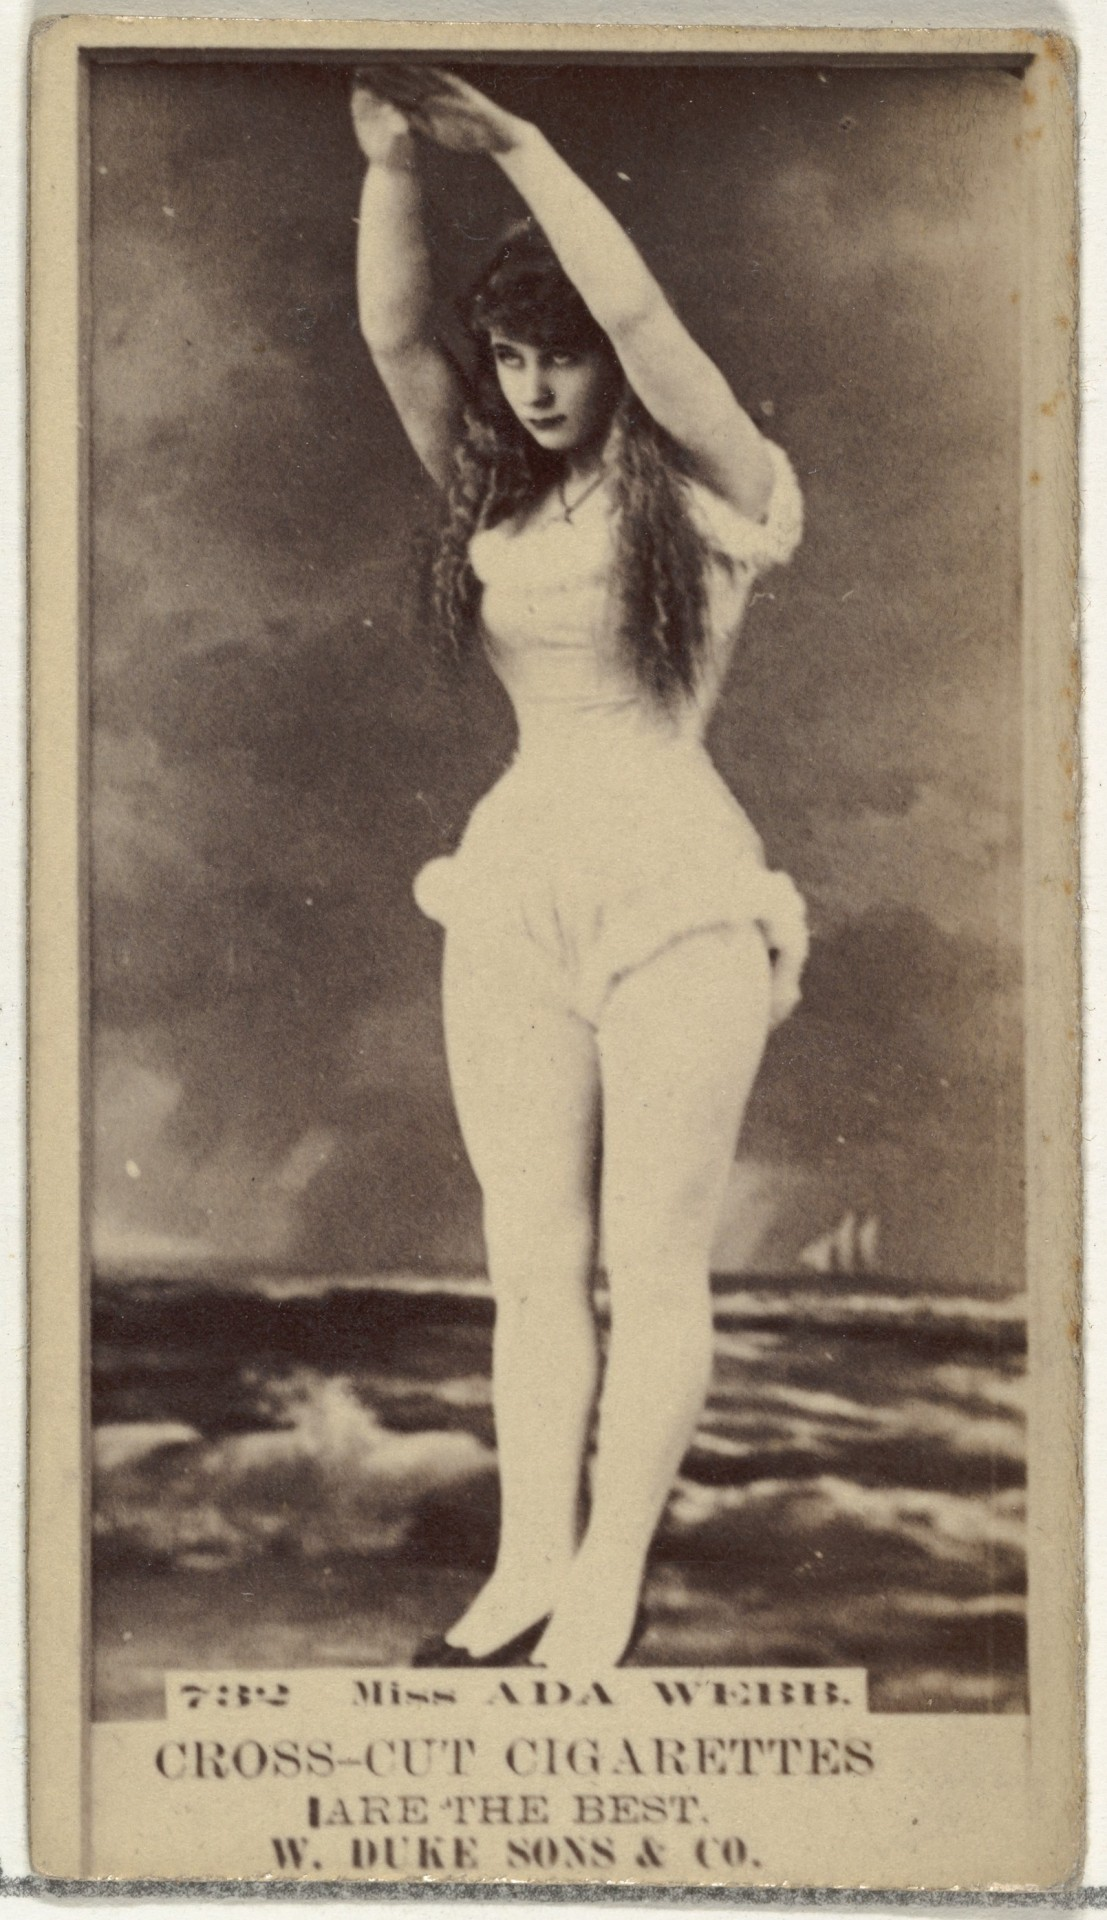 Мисс Ада Уэбб, торговая карточка из серии «Актёры и актрисы», выпущенной компанией «Дюк и сыновья» для продвижения сигарет, 1880-е